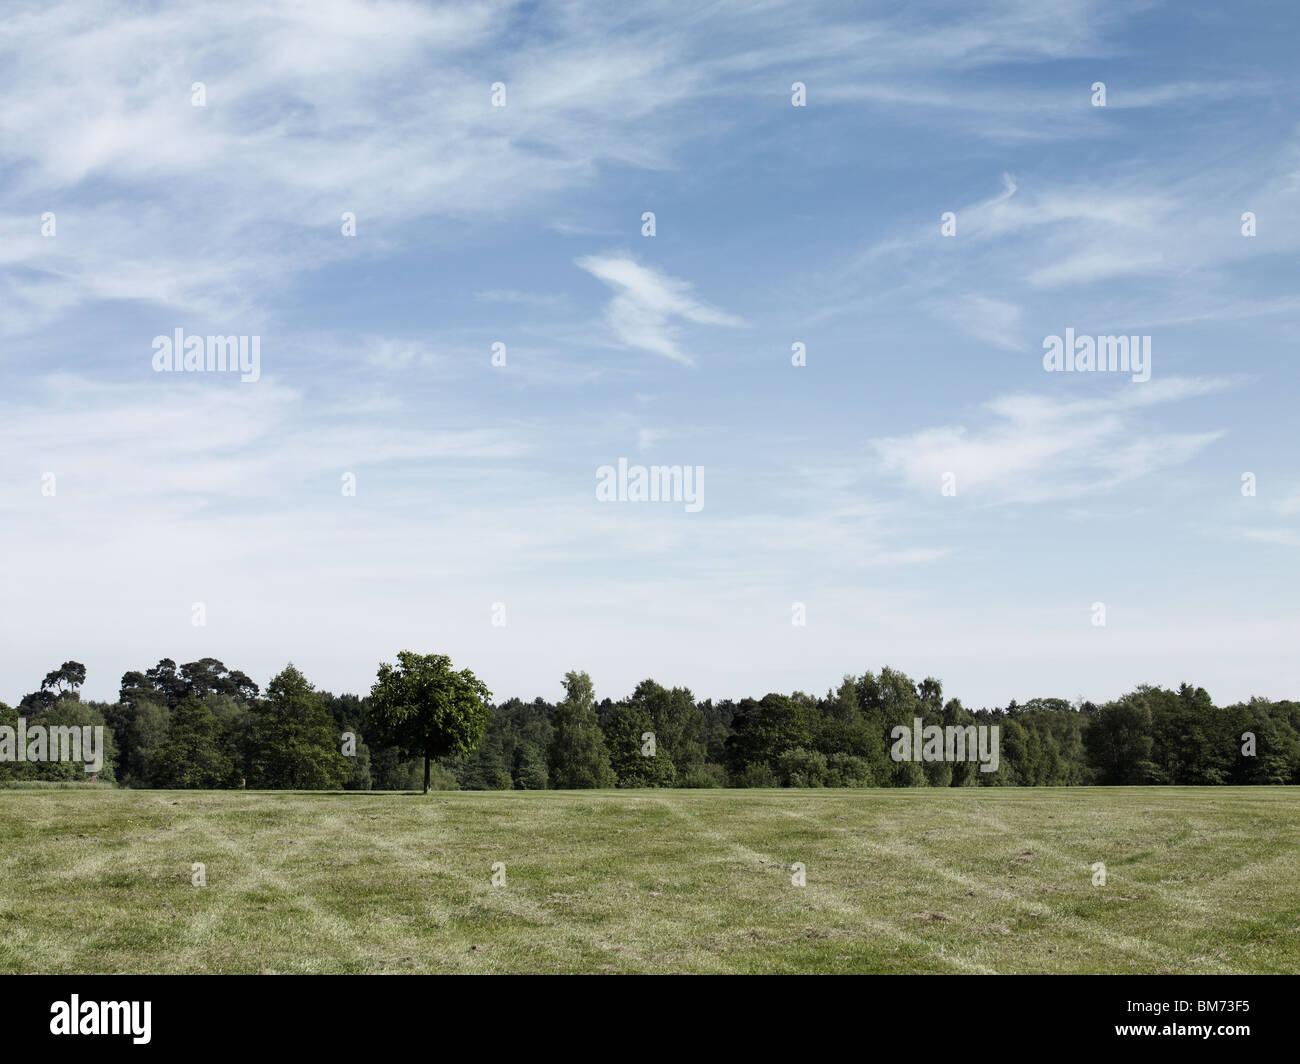 Immagine di panorama di un parcheggio in un campo che mostra tracce di pneumatici su erba, alberi e un cielo estivo Immagini Stock